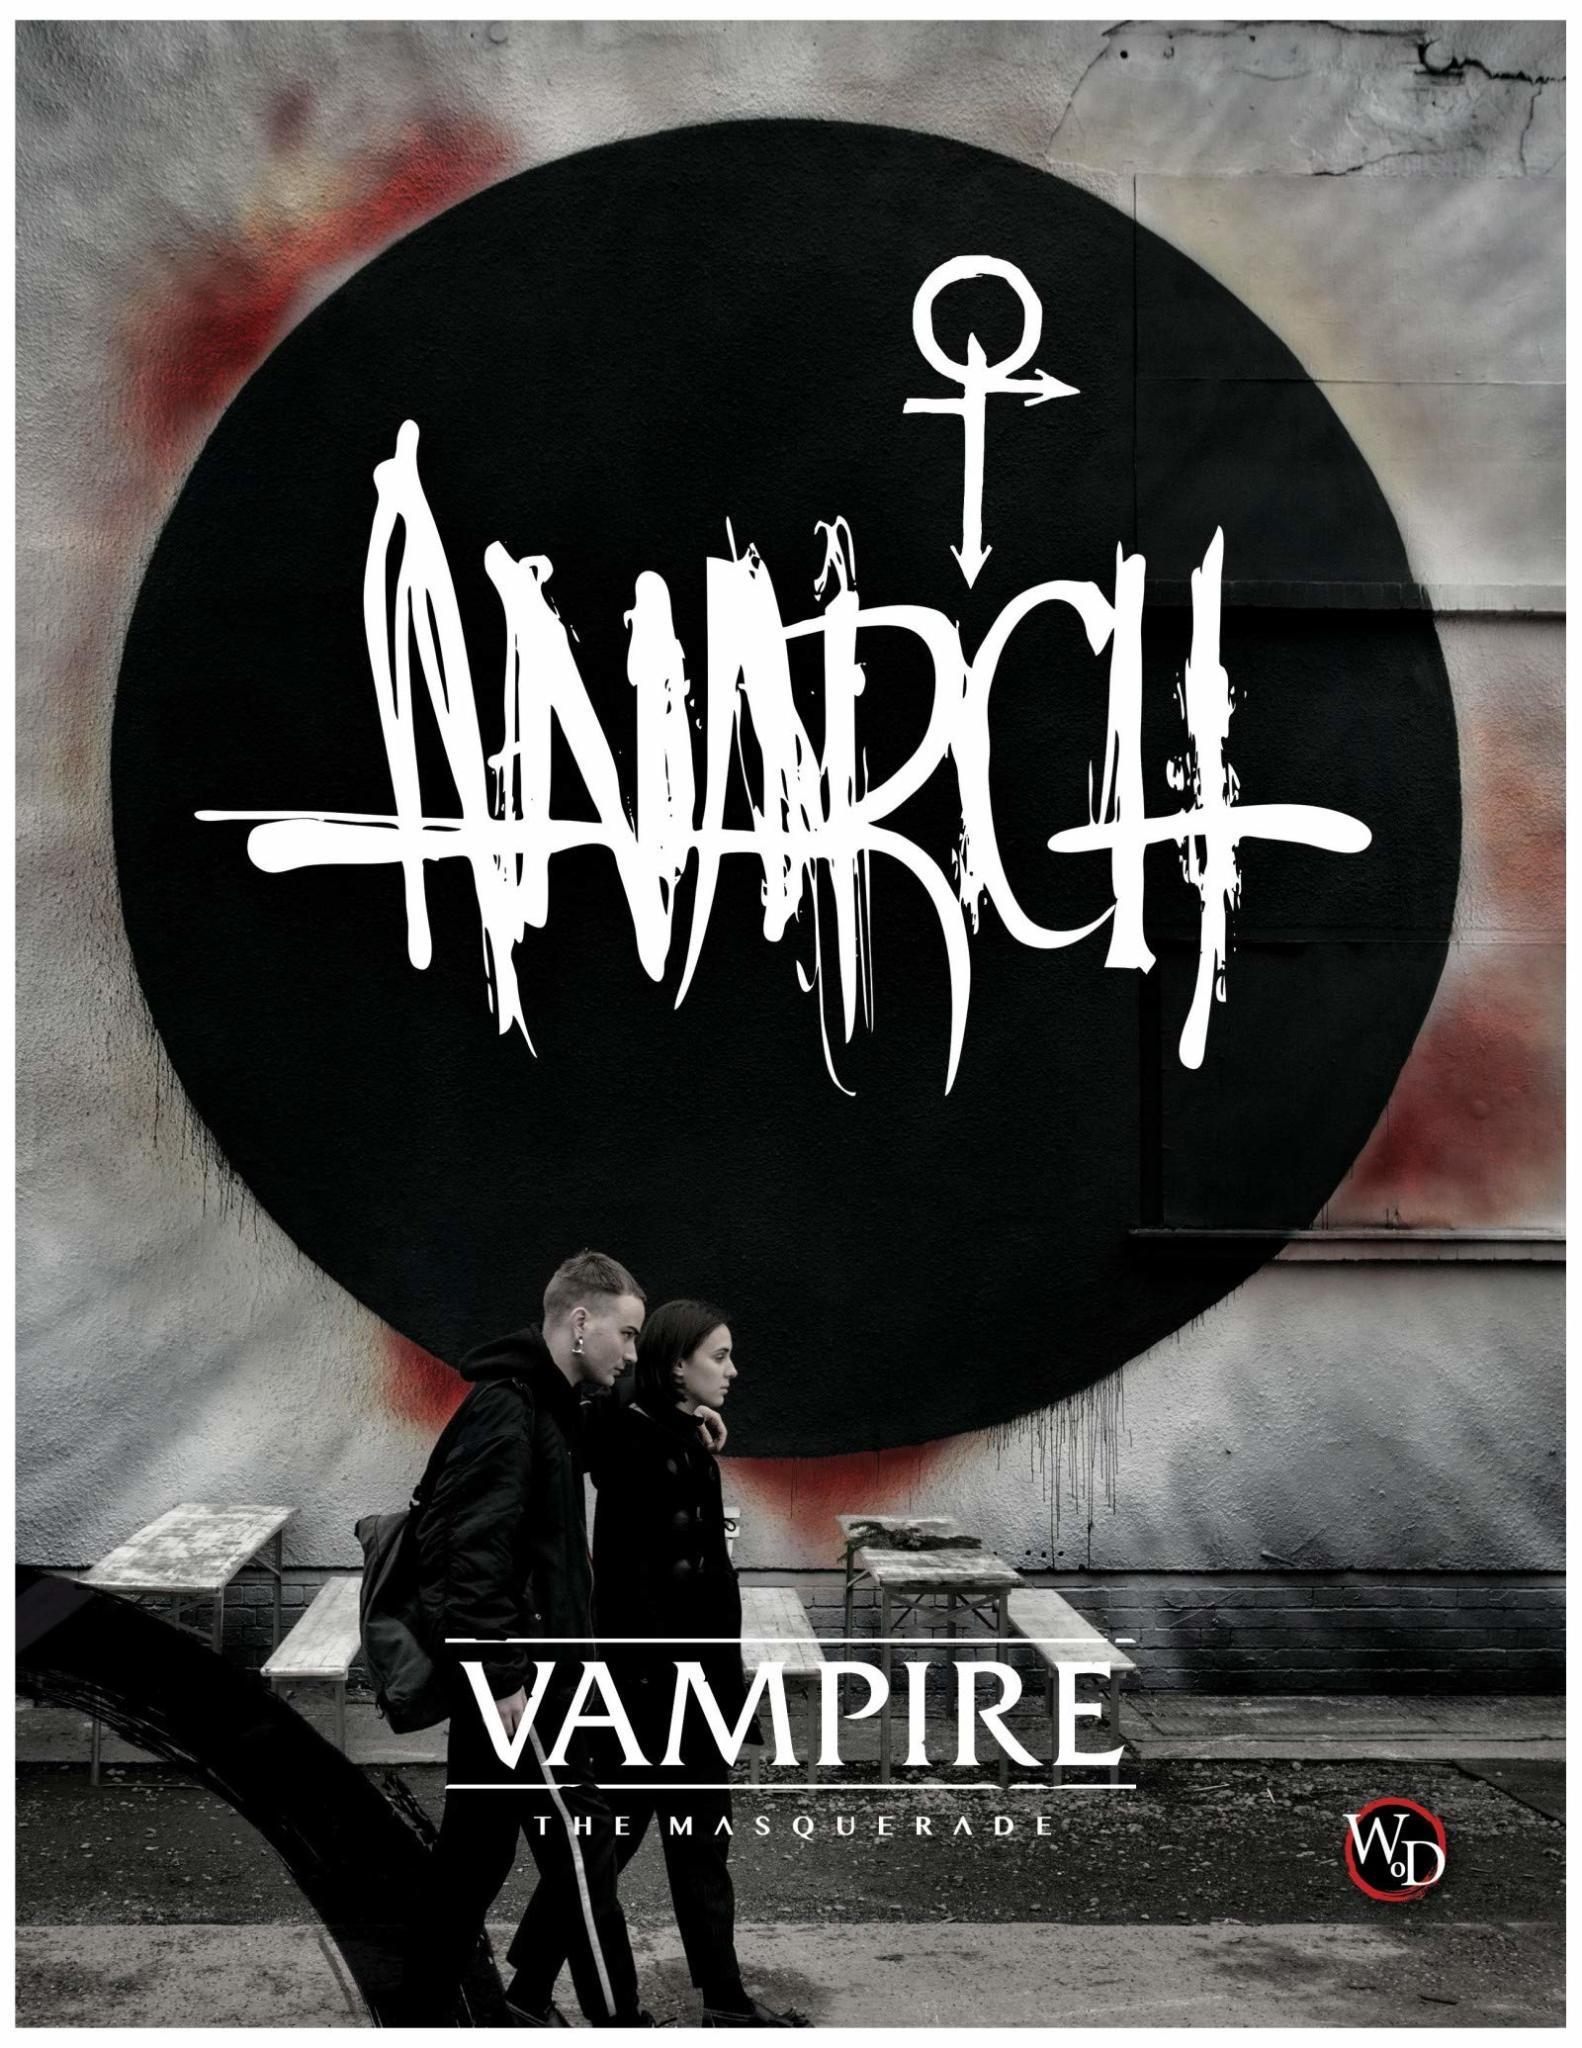 Vampire: The Masquerade Anarch